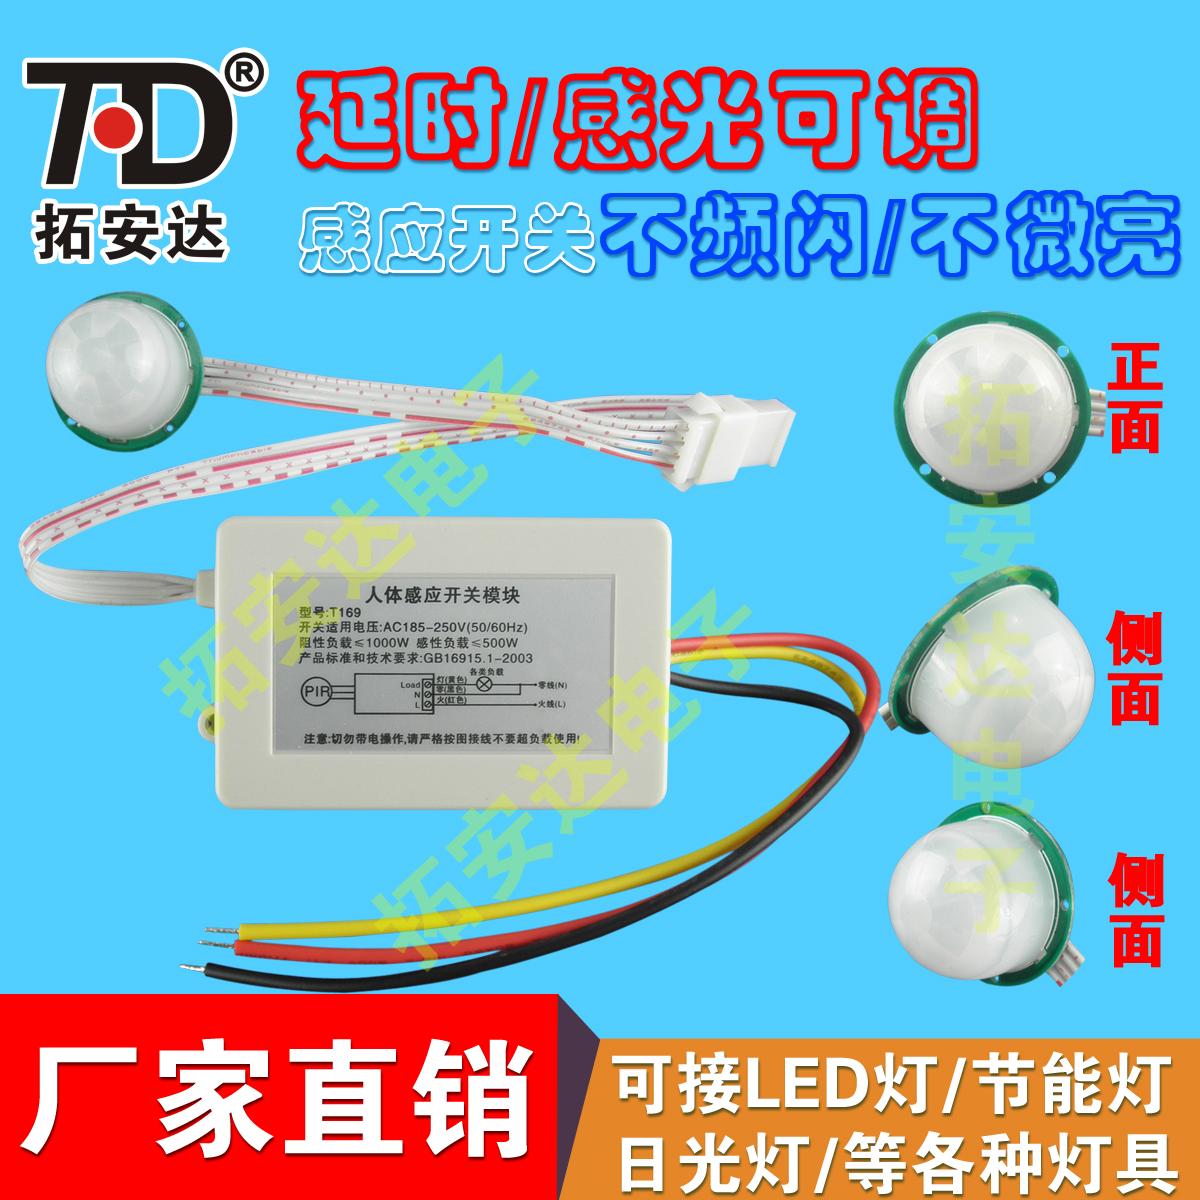 拓安达220v分体式人体红外感应开关TAD-169